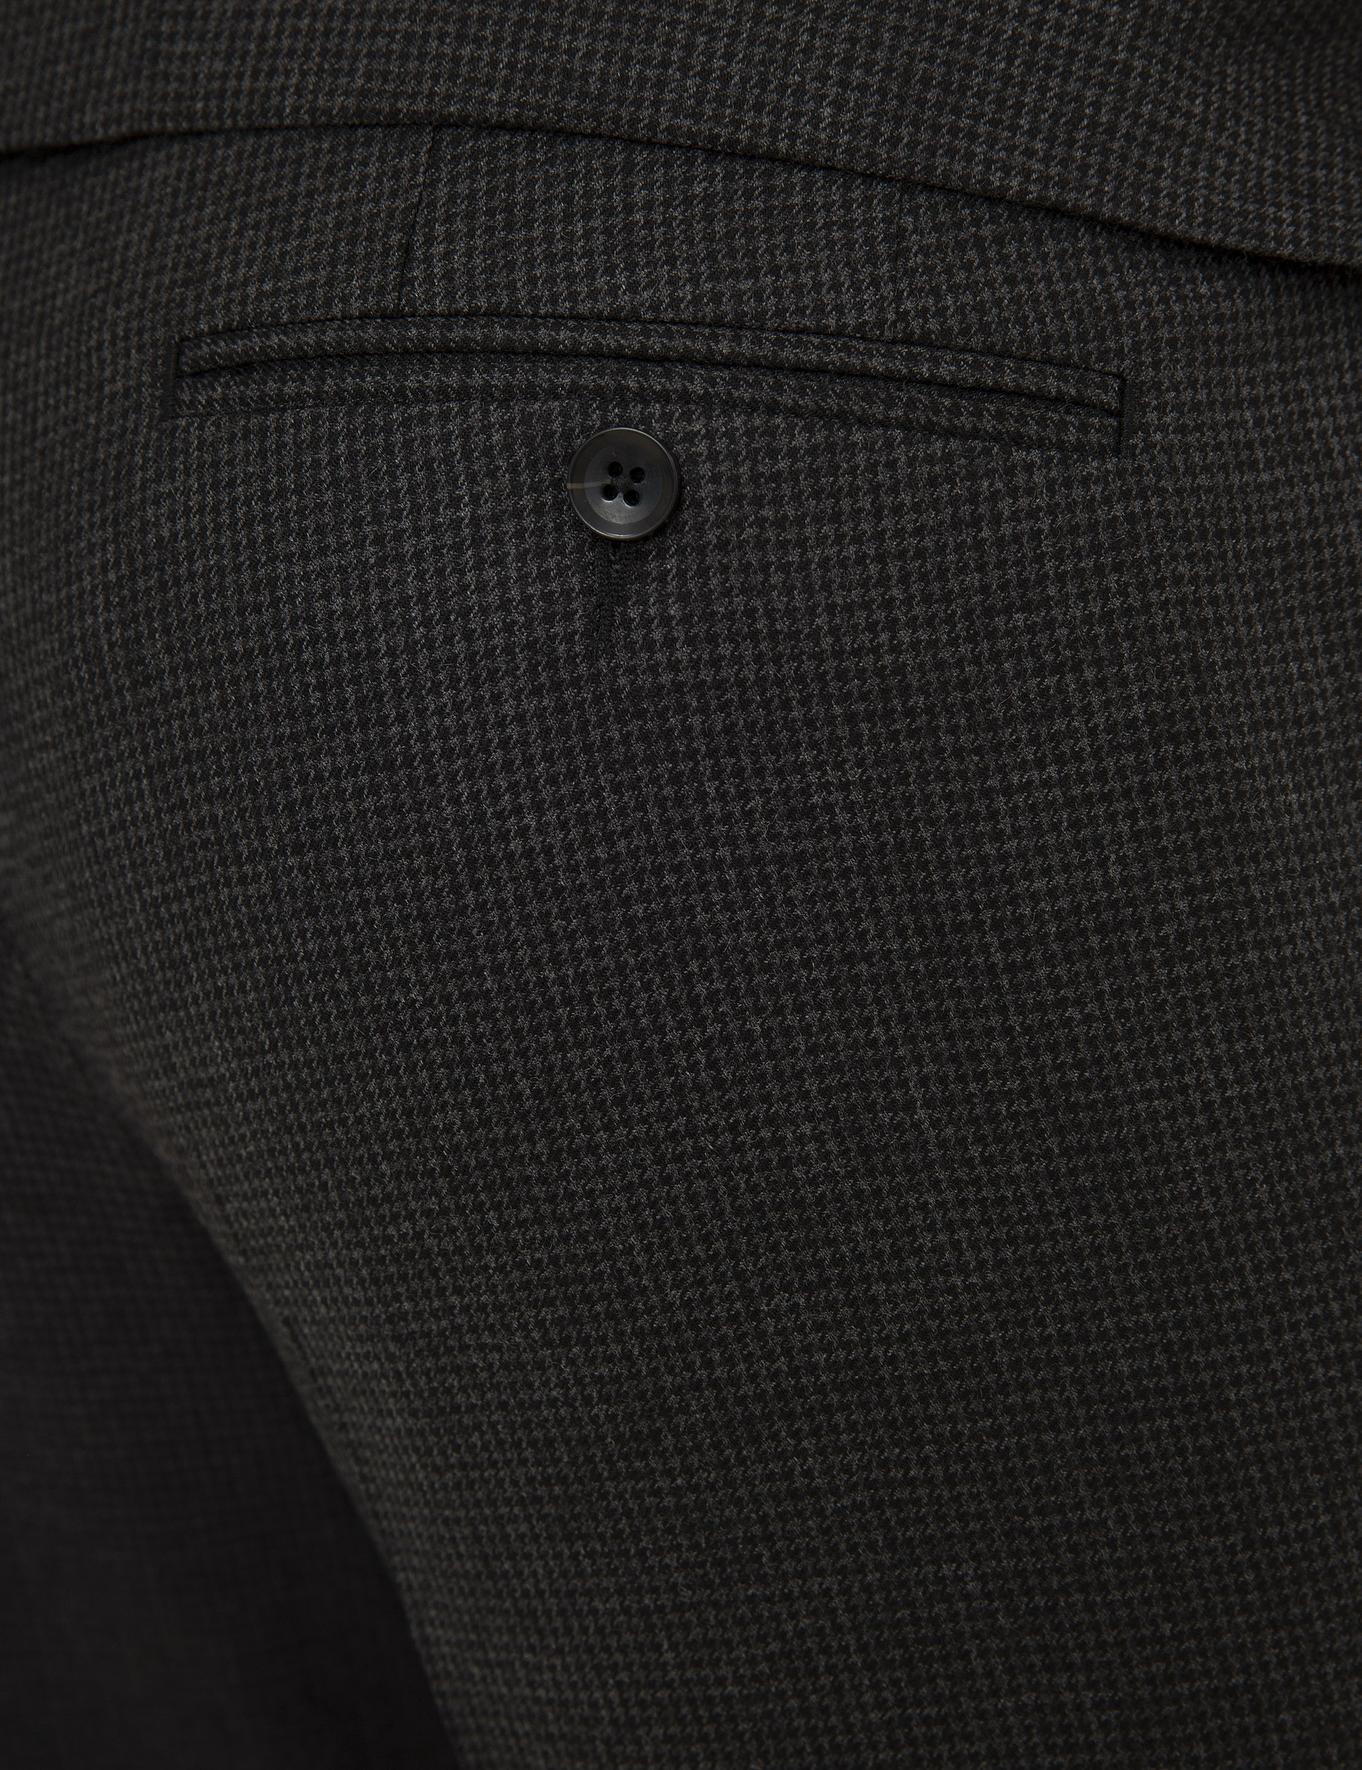 Siyah Slim Fit Takım Elbise - 50229567011